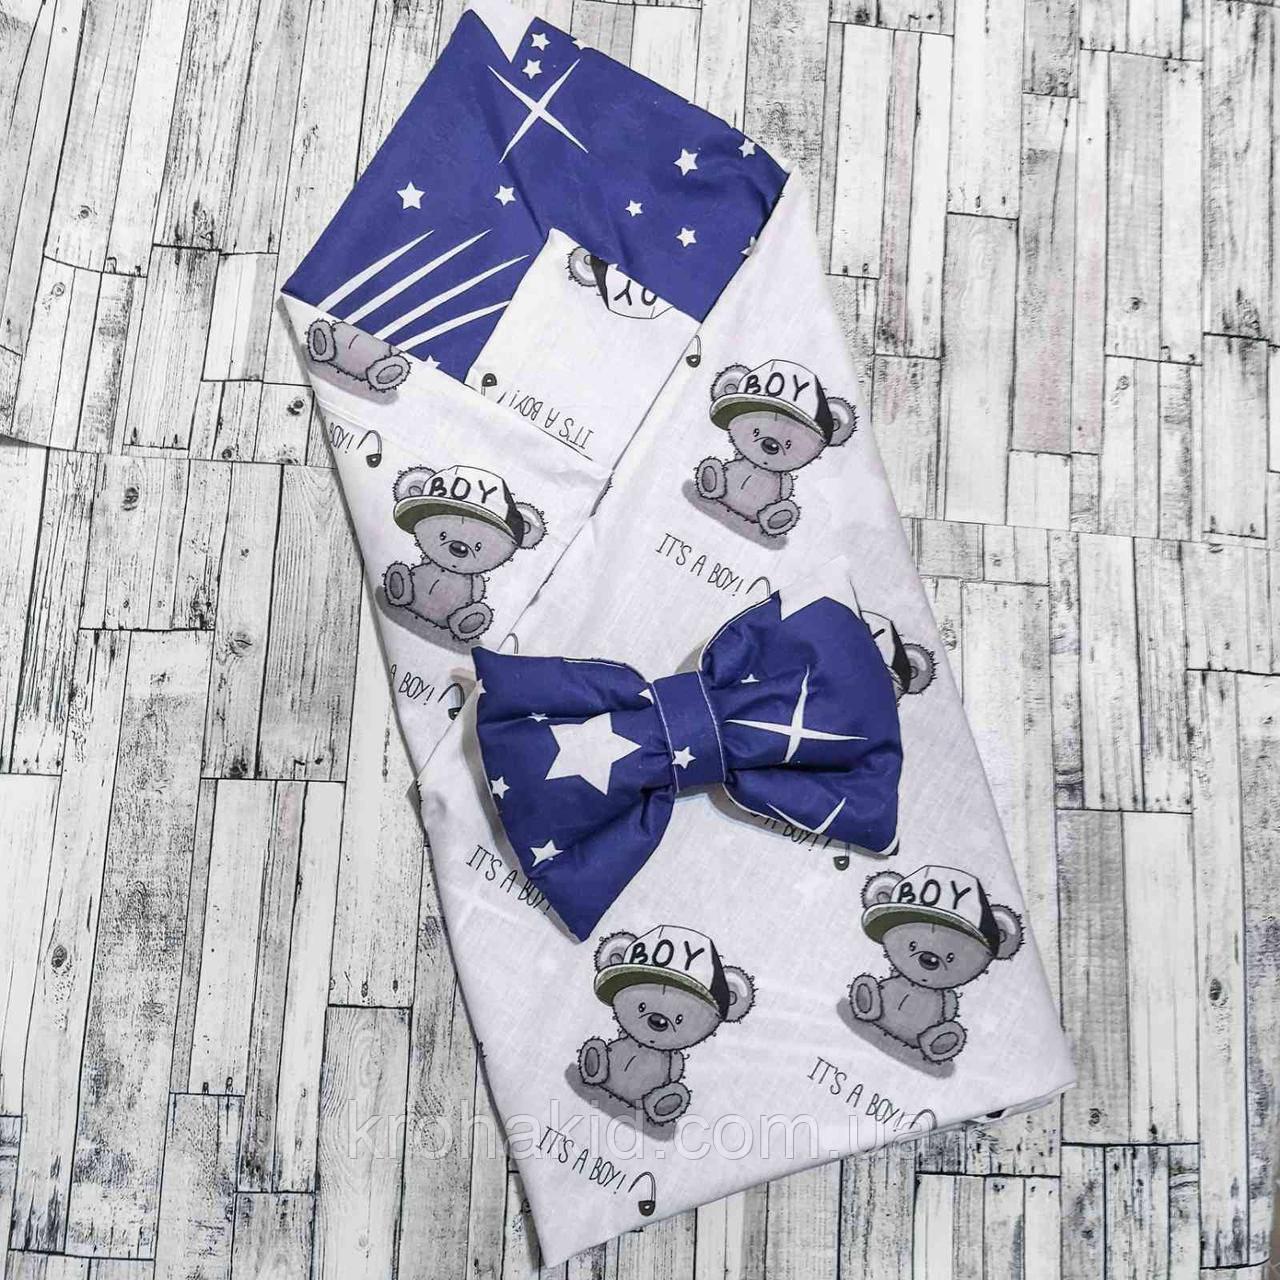 Детский летний конверт на выписку двусторонний, конверт-одеяло (ВЕСНА / ЛЕТО), конверт-плед для новорожденного